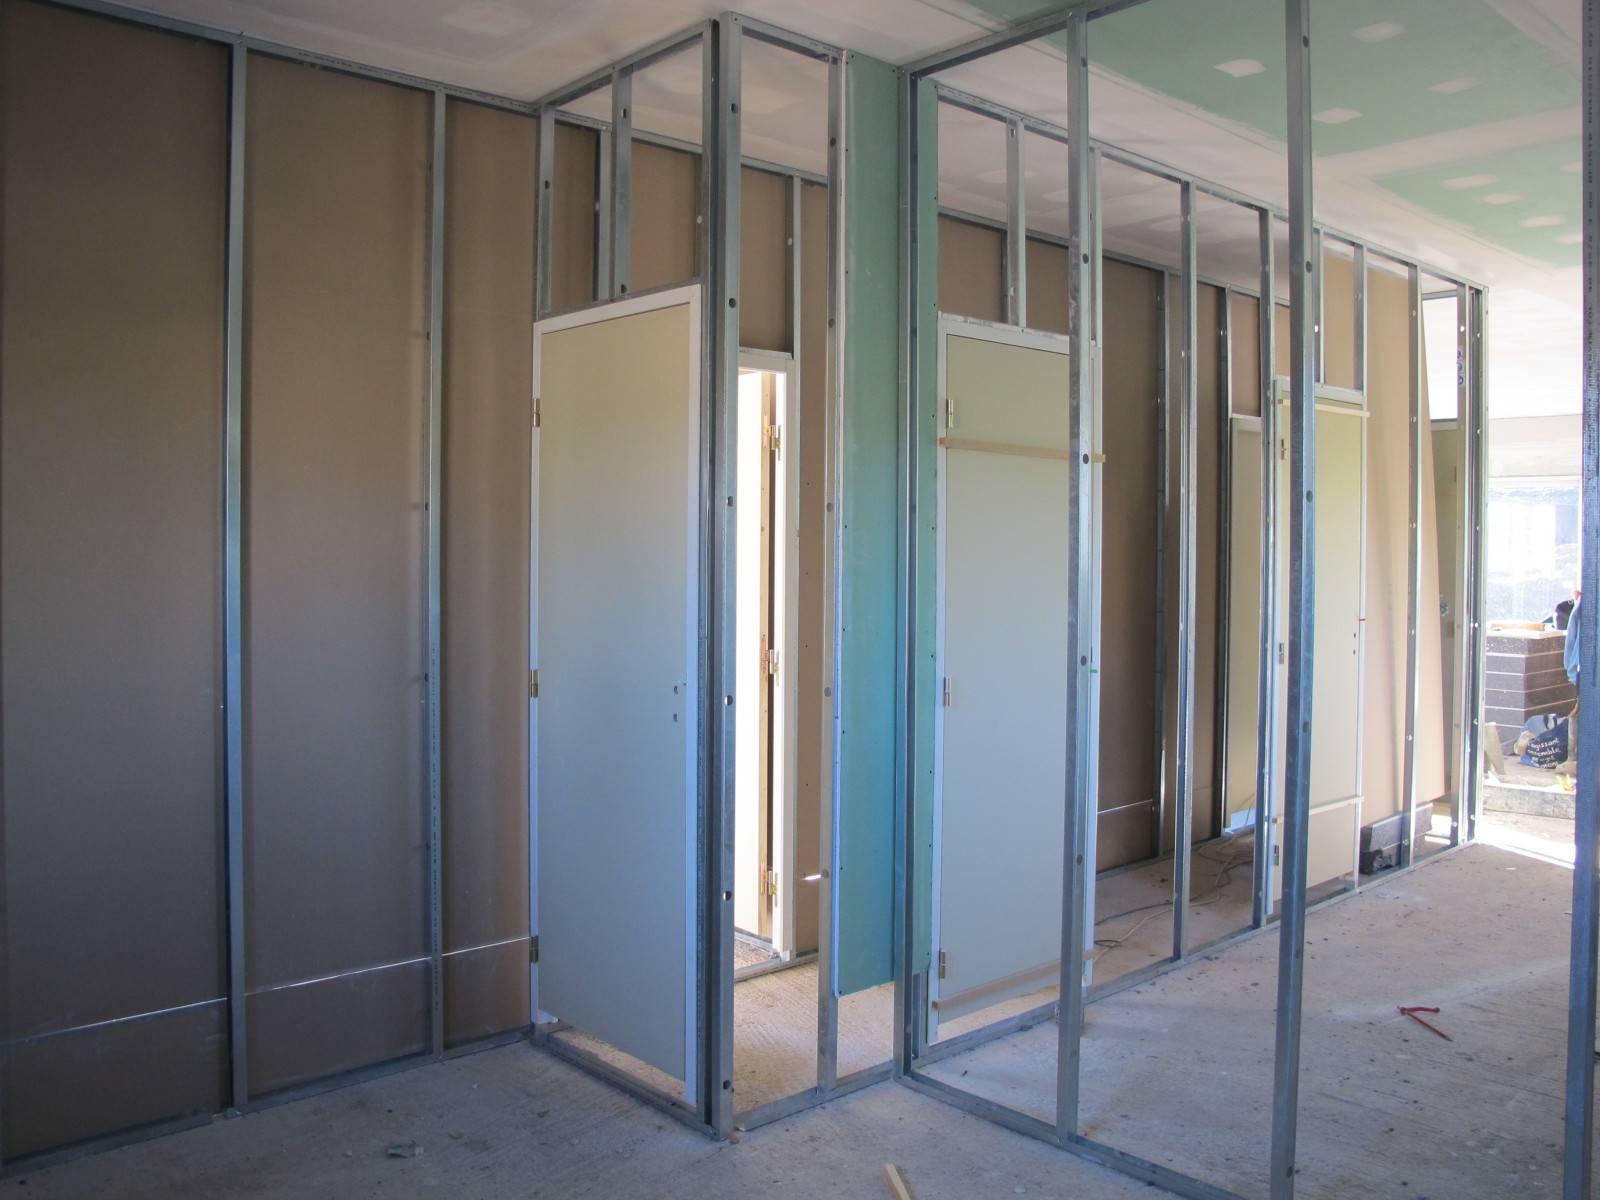 Pose de cloisons placo dans bureaux gemenos pose de cloisons et faux plafond marseille - Poser bloc porte entre 2 murs ...